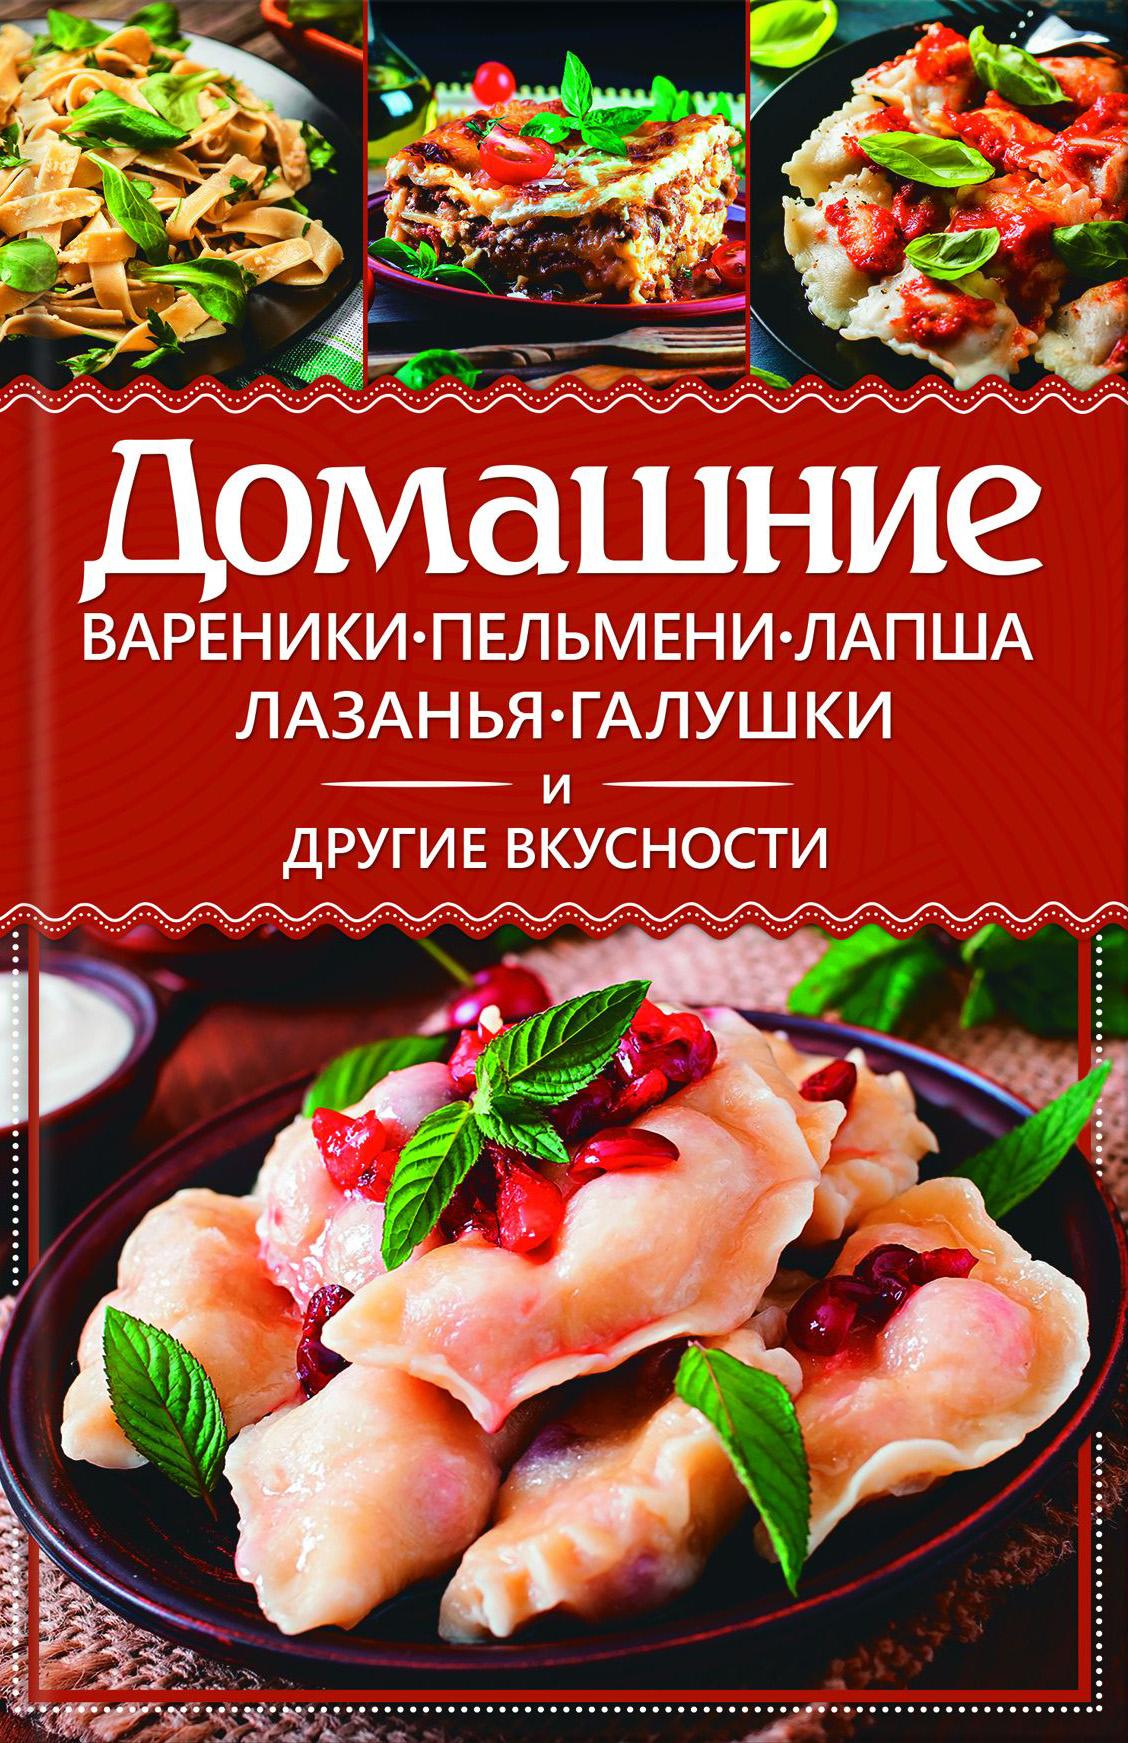 Анастасия Еременко Домашние вареники, пельмени, лапша, лазанья, галушки и другие вкусности